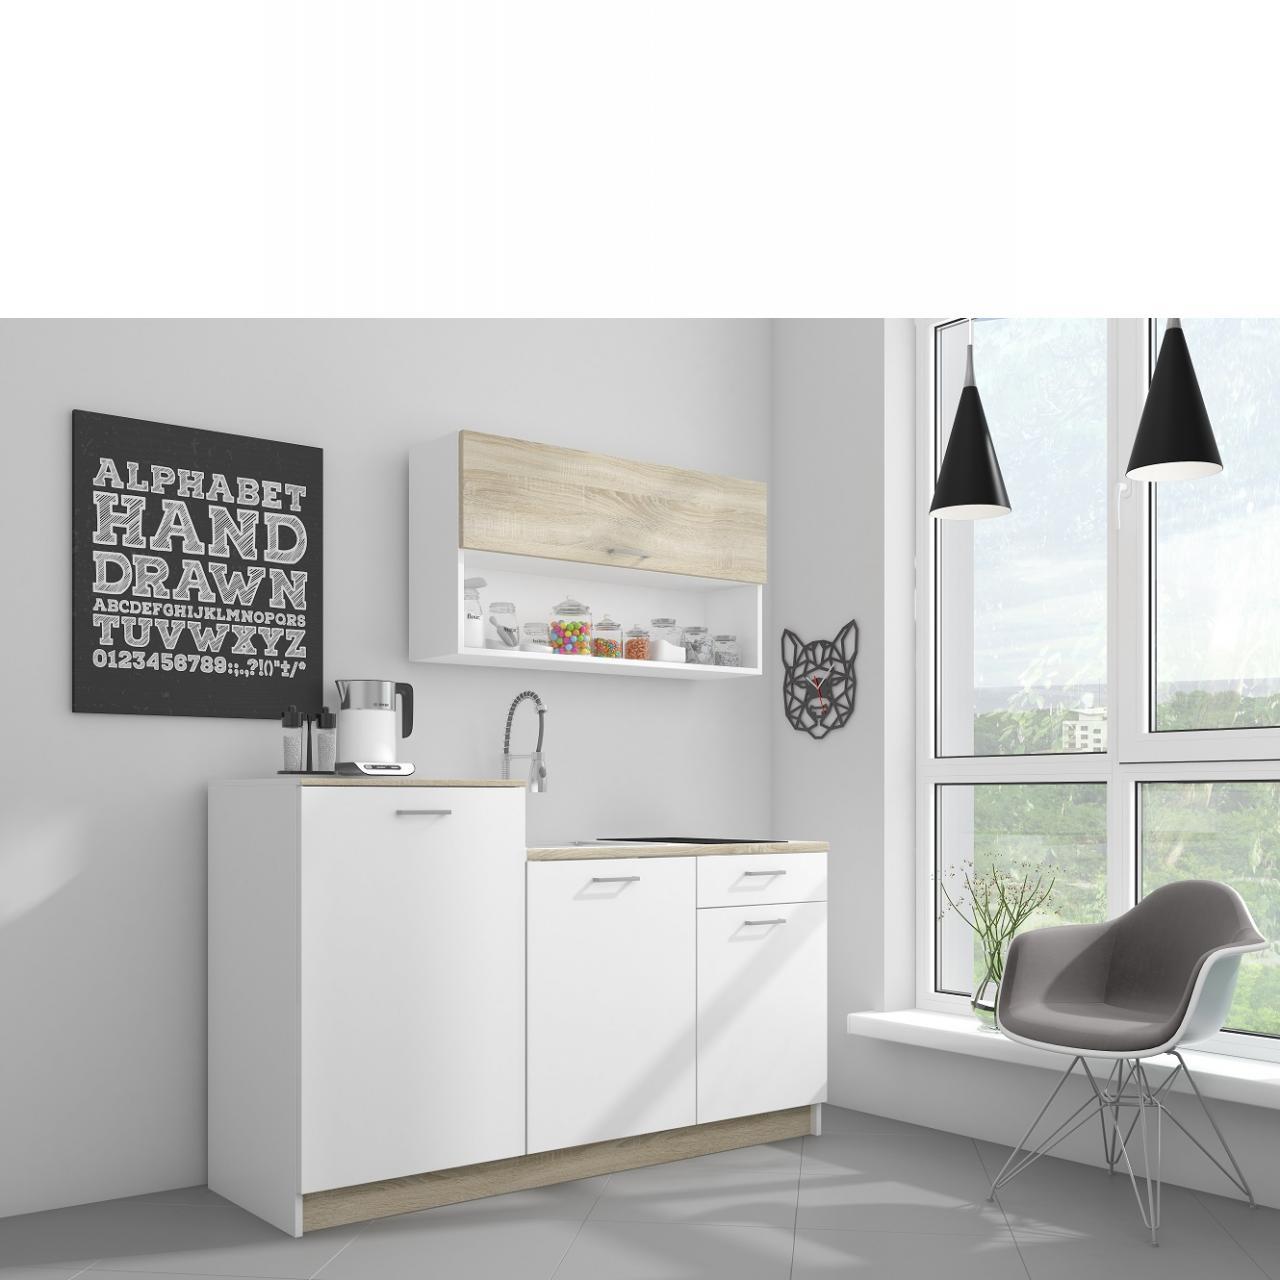 Küche Route Single Sonoma Eiche Nb. Matt Weiß Matt Spanplatte ohne Geräte